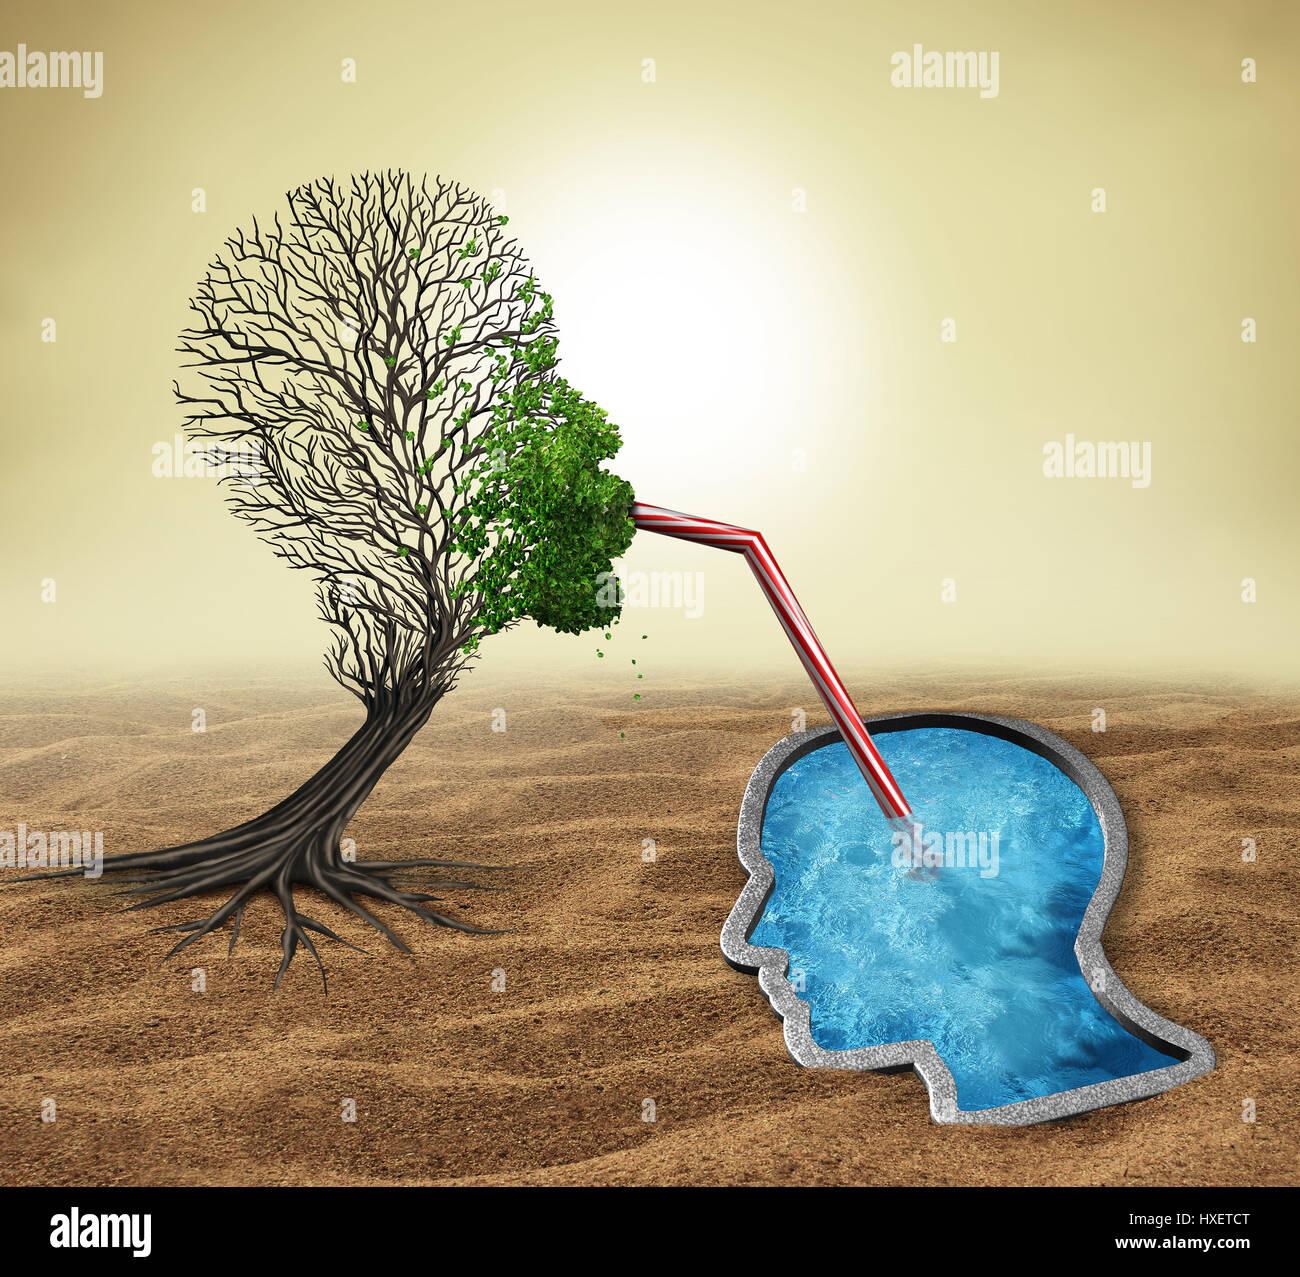 Le traitement de la psychologie et la santé mentale comme un arbre malade d'aide sous forme d'une tête humaine de Banque D'Images